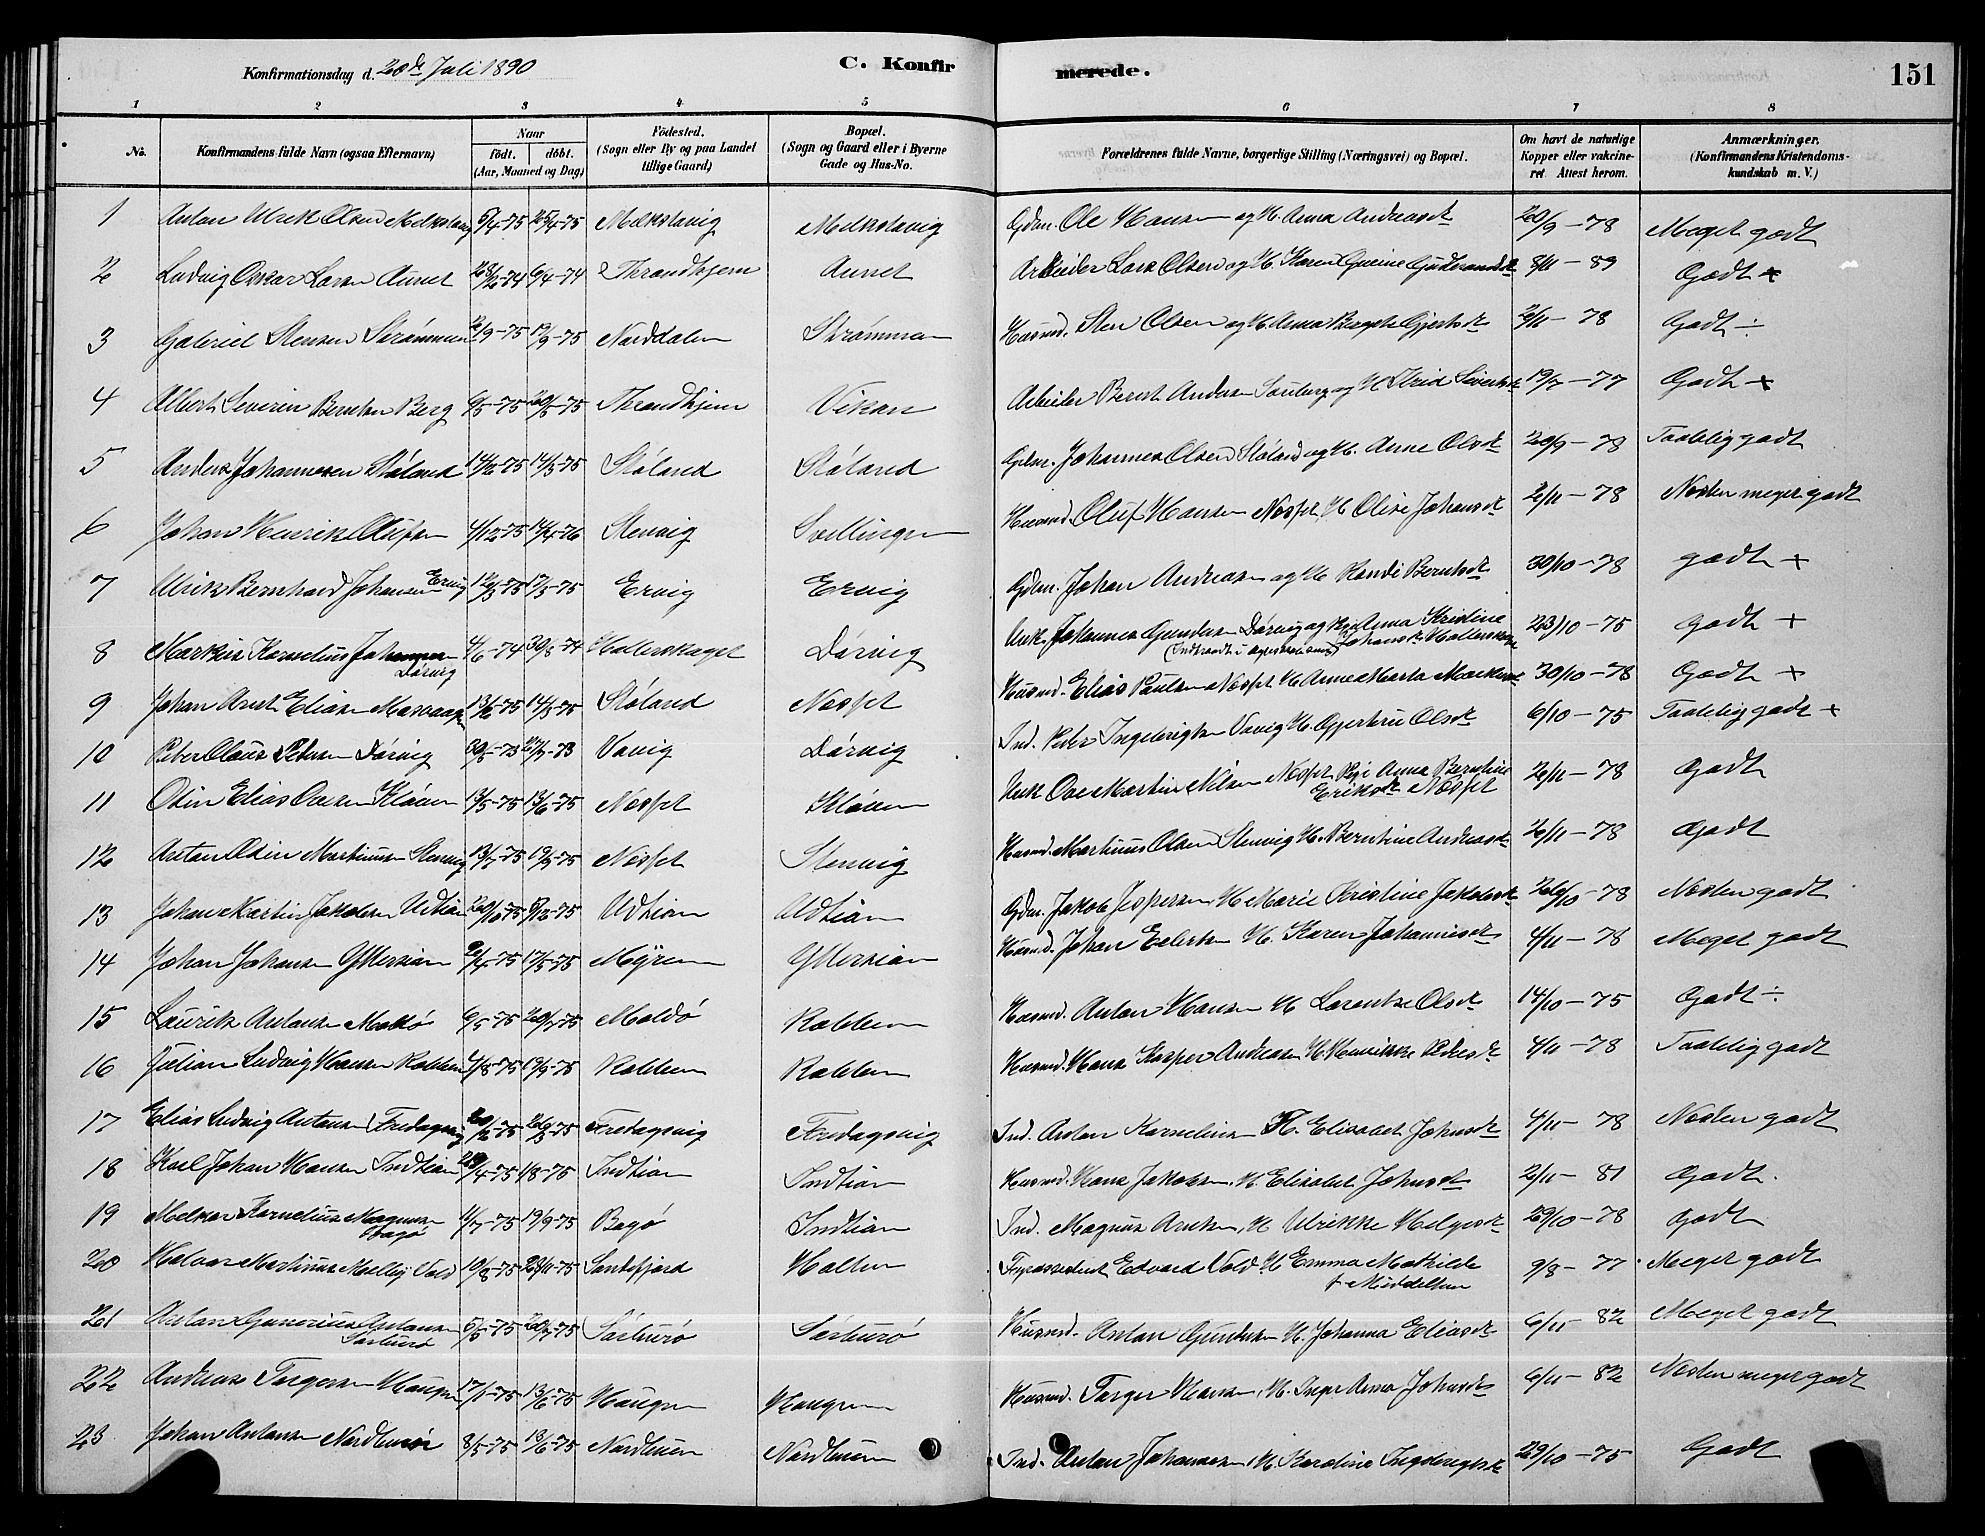 SAT, Ministerialprotokoller, klokkerbøker og fødselsregistre - Sør-Trøndelag, 640/L0585: Klokkerbok nr. 640C03, 1878-1891, s. 151